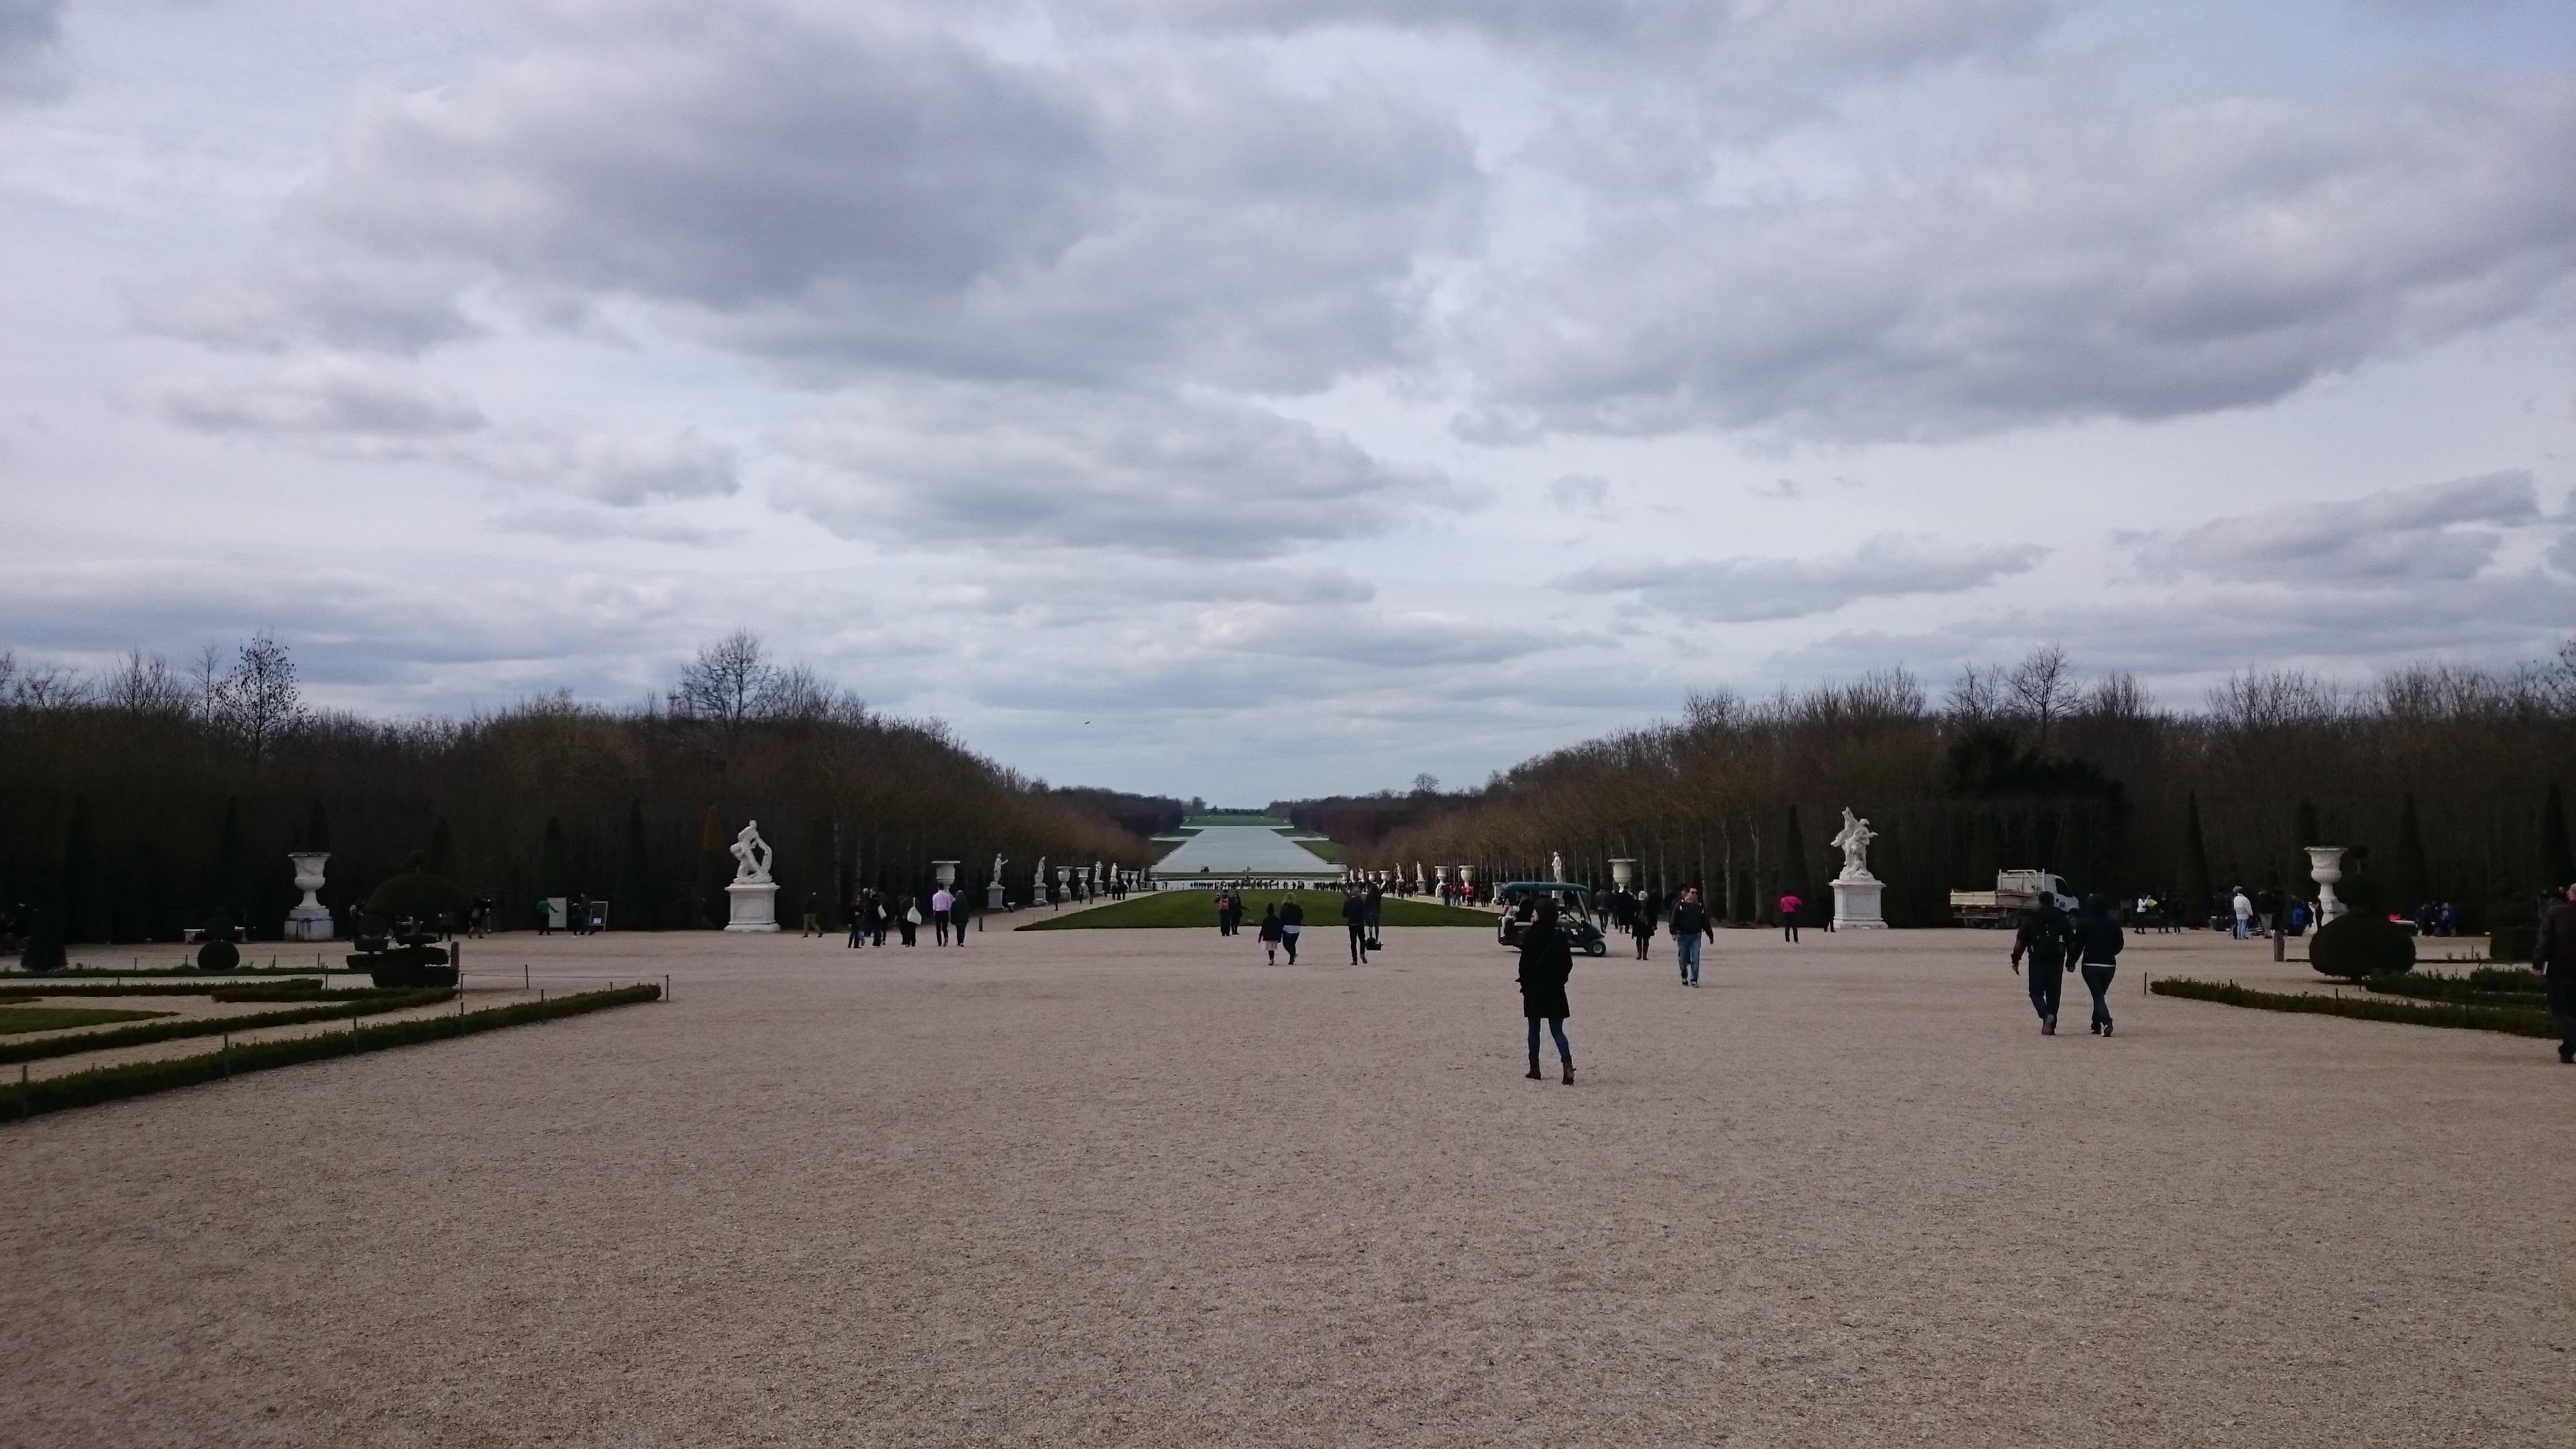 dsc 1302 - Visita al Palacio de Versalles: Como ir, cuanto cuesta y tips I/III